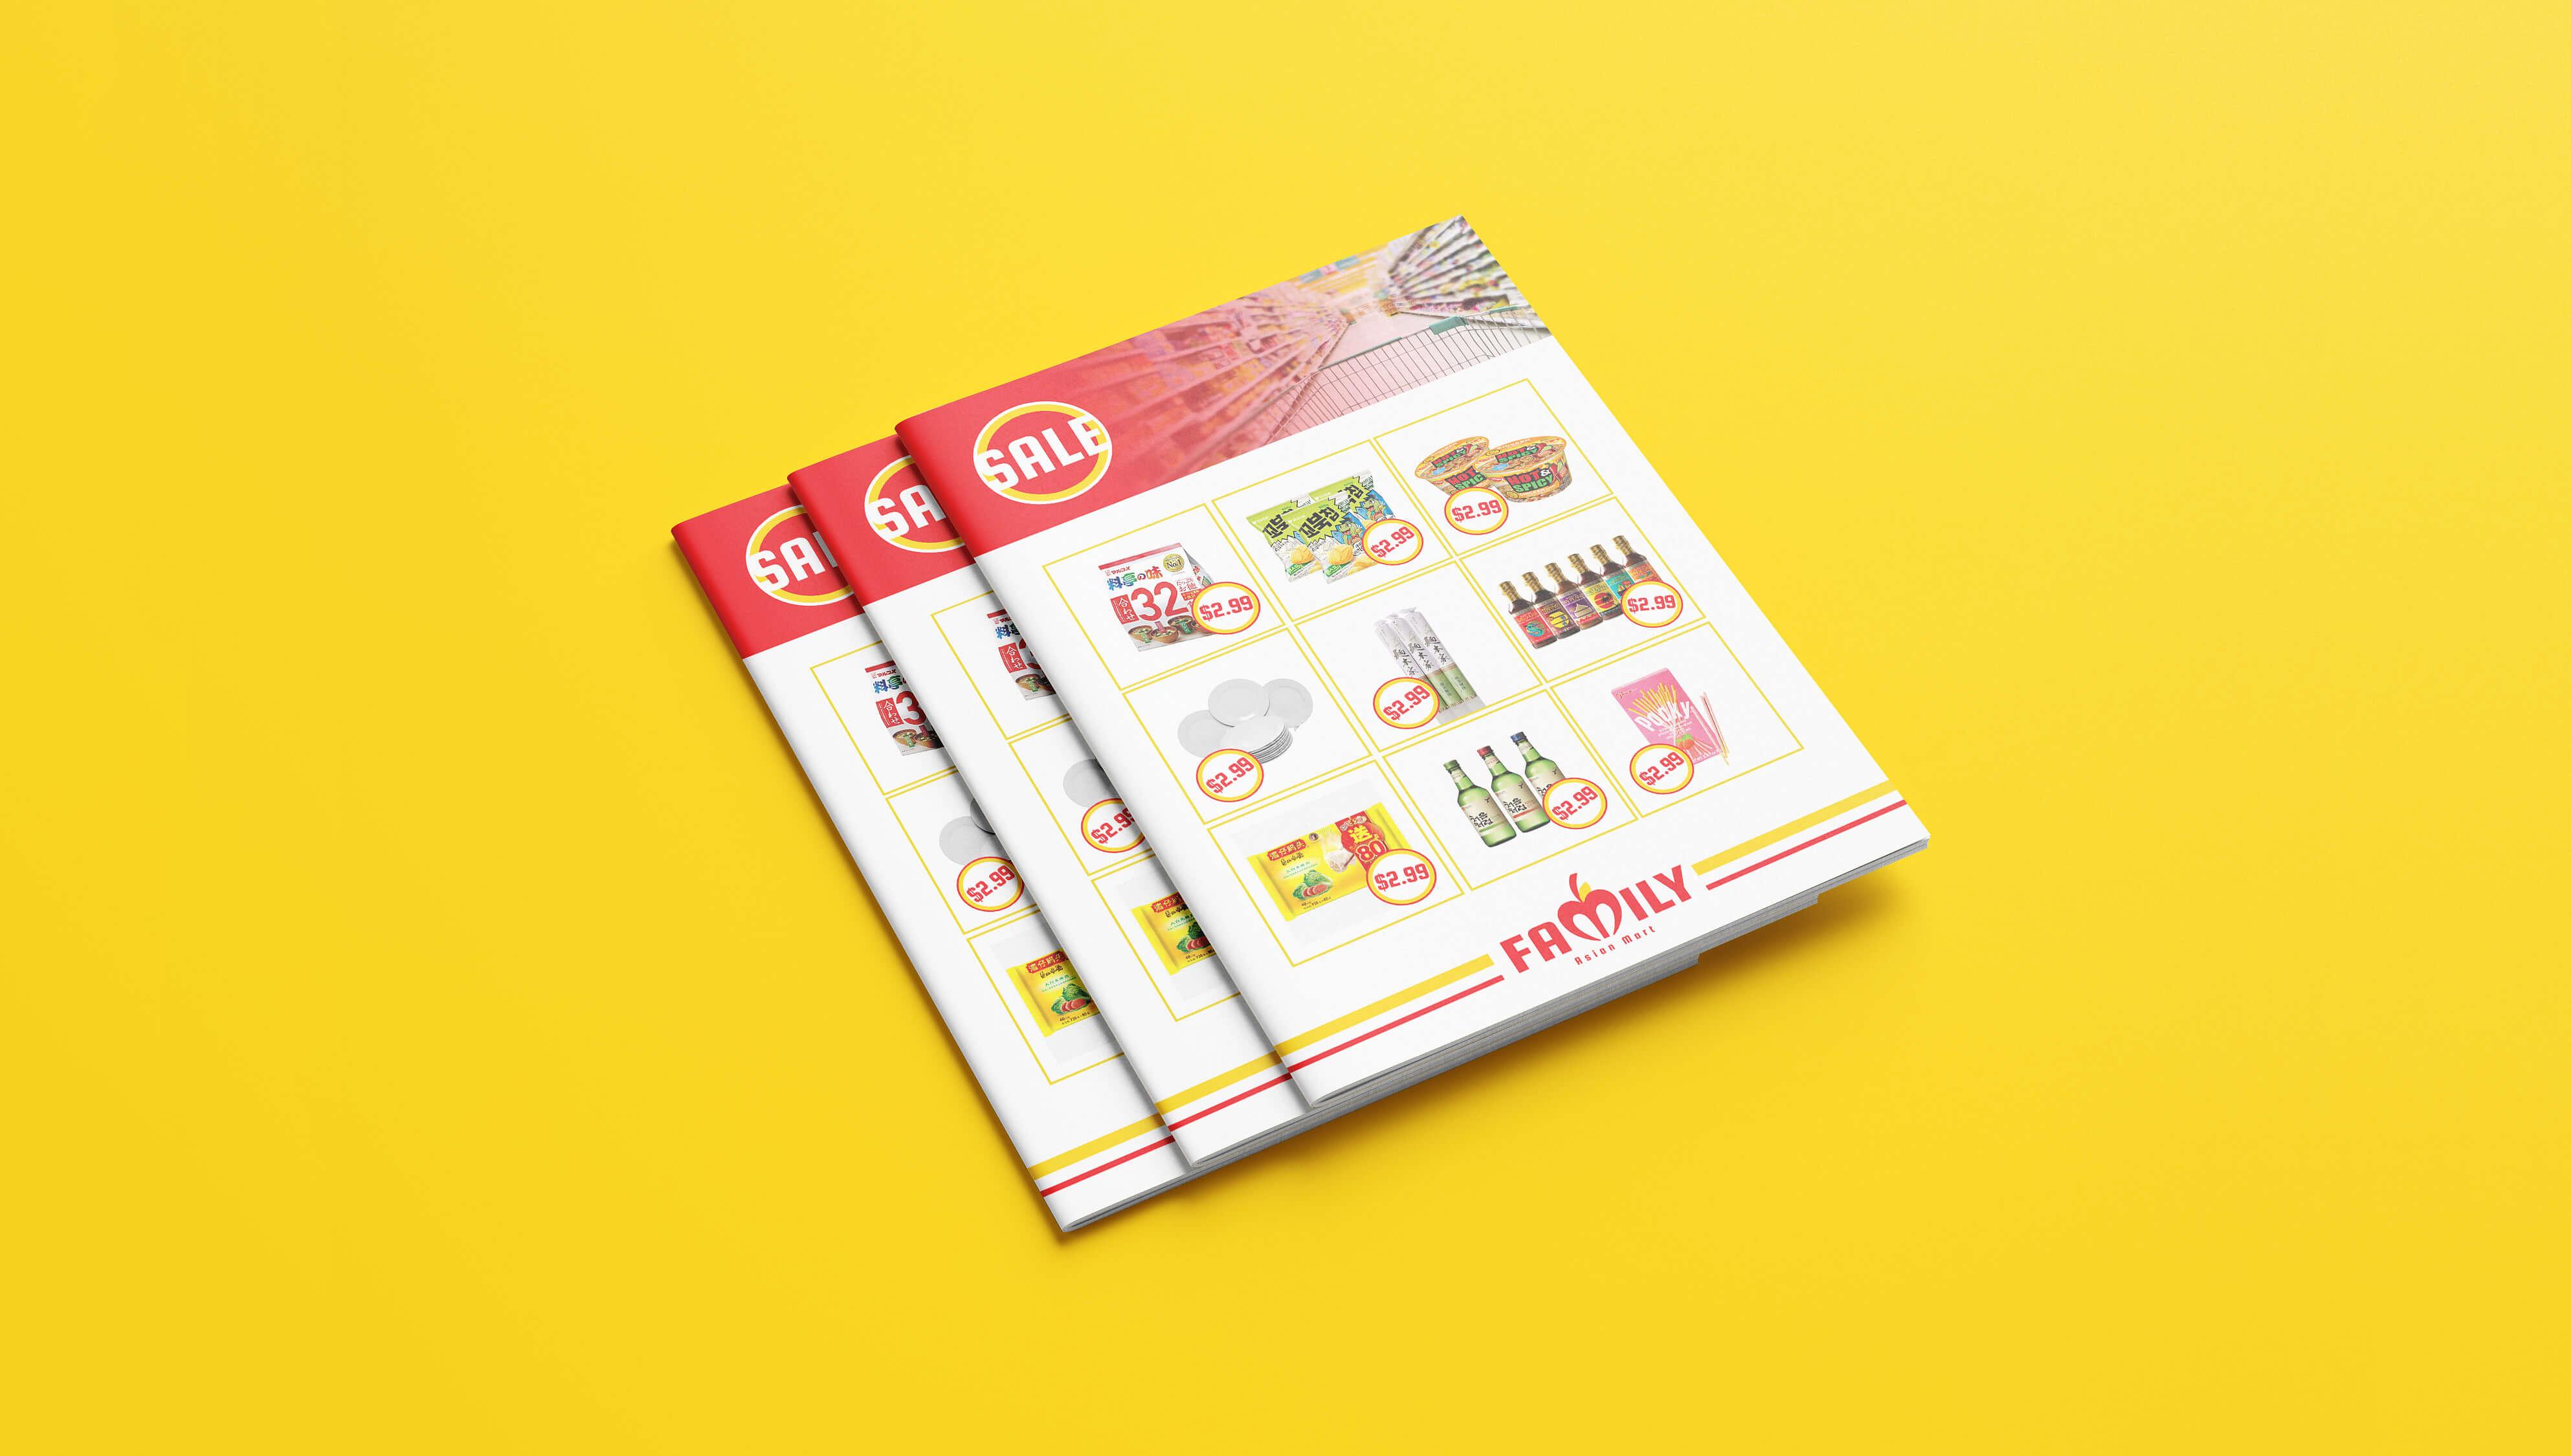 Set of brochures designed by Meld